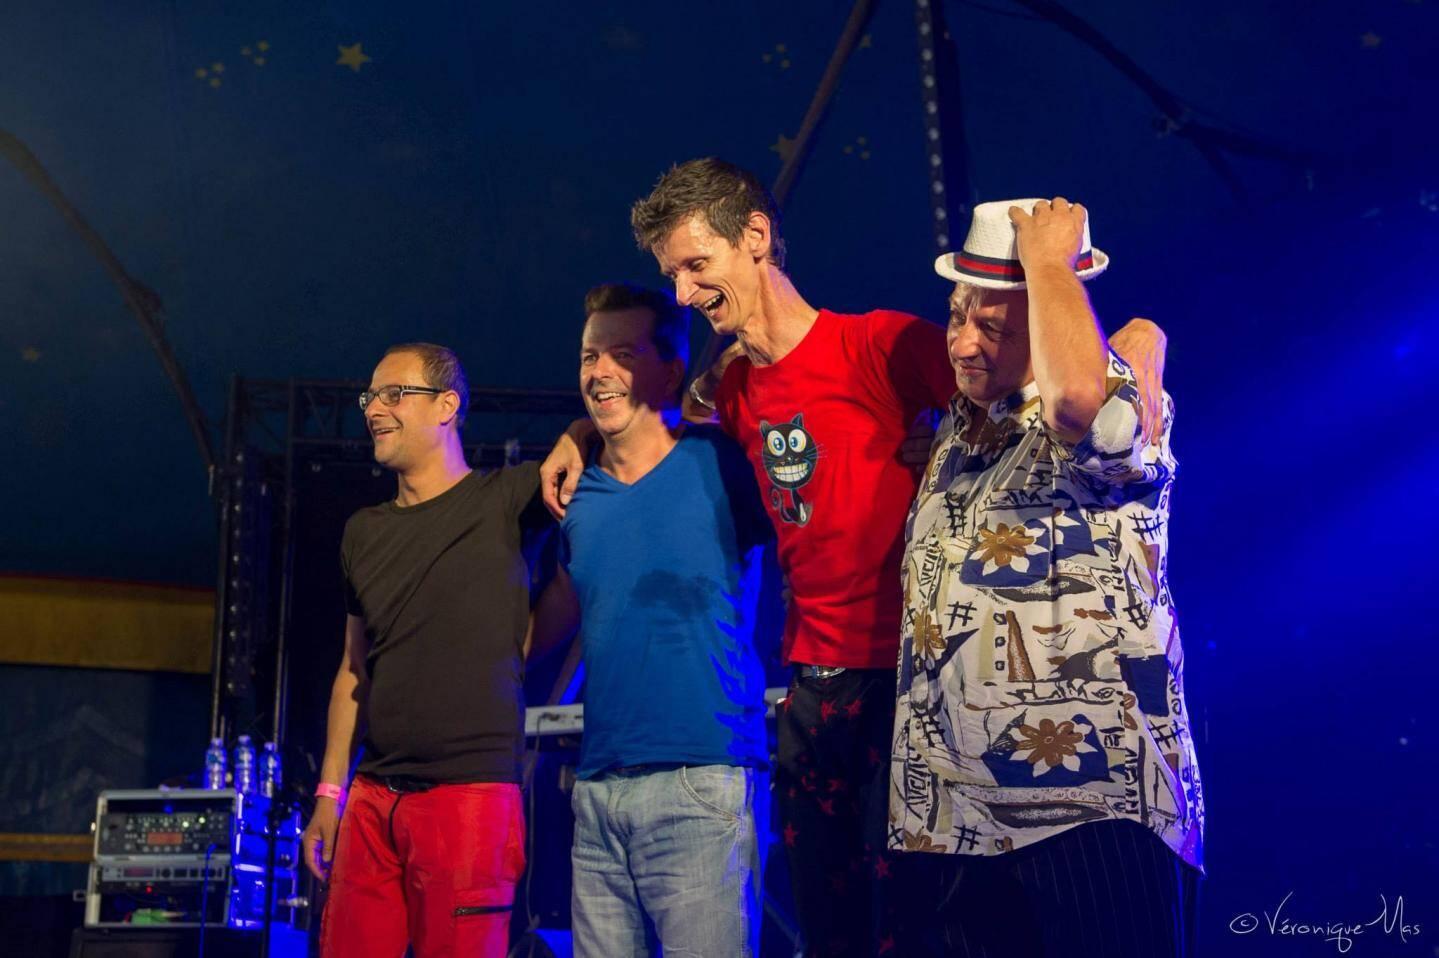 Patrik Cottet-Moine, Frank Durand (batteur), Frédéric Javegny (clavier) et Patrick Messina (bassiste), des joyeux drilles se redonnent en spectacle.